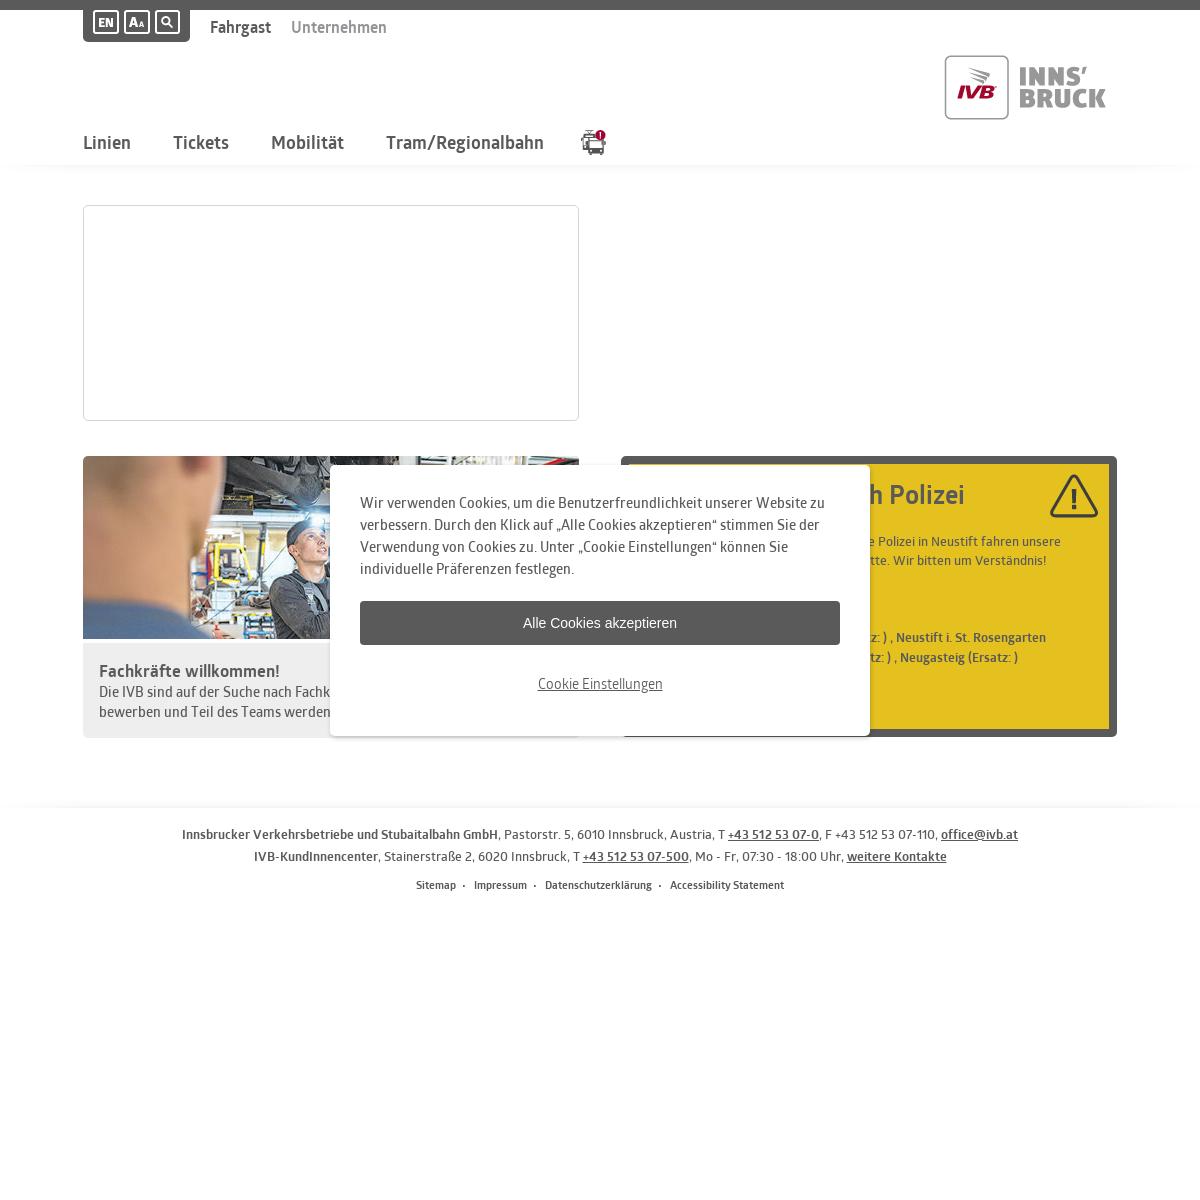 IVB - Innsbrucker Verkehrsbetriebe und Stubaitalbahn GmbH